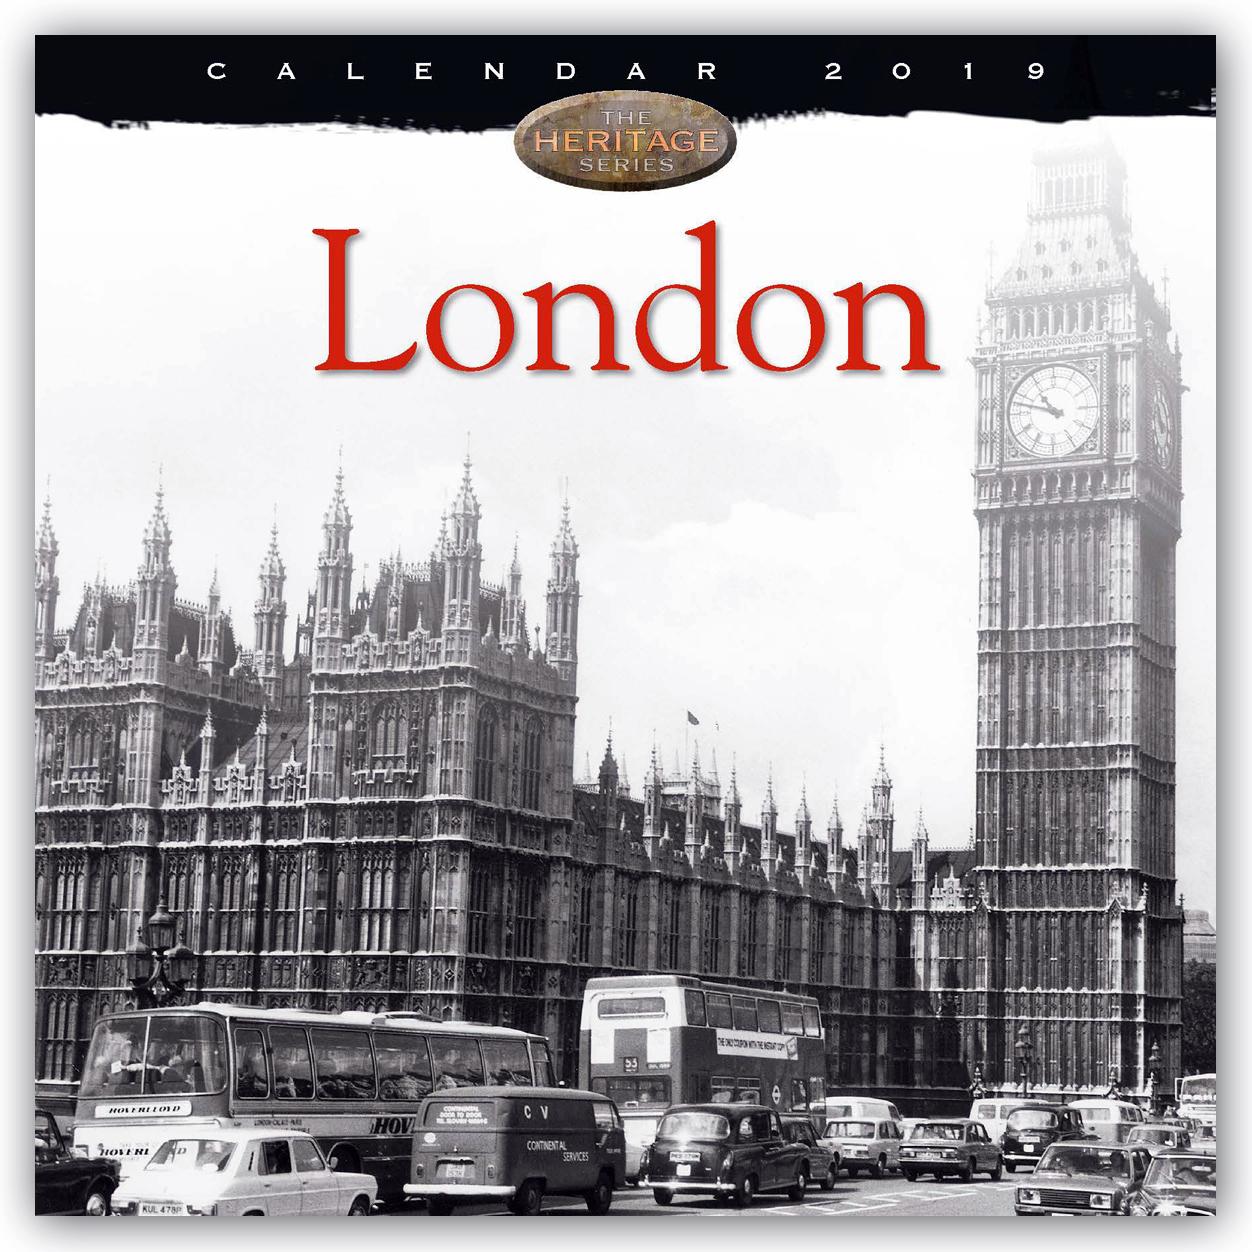 London Black White Schwarz Weiß 2019 211049406 1295 Www